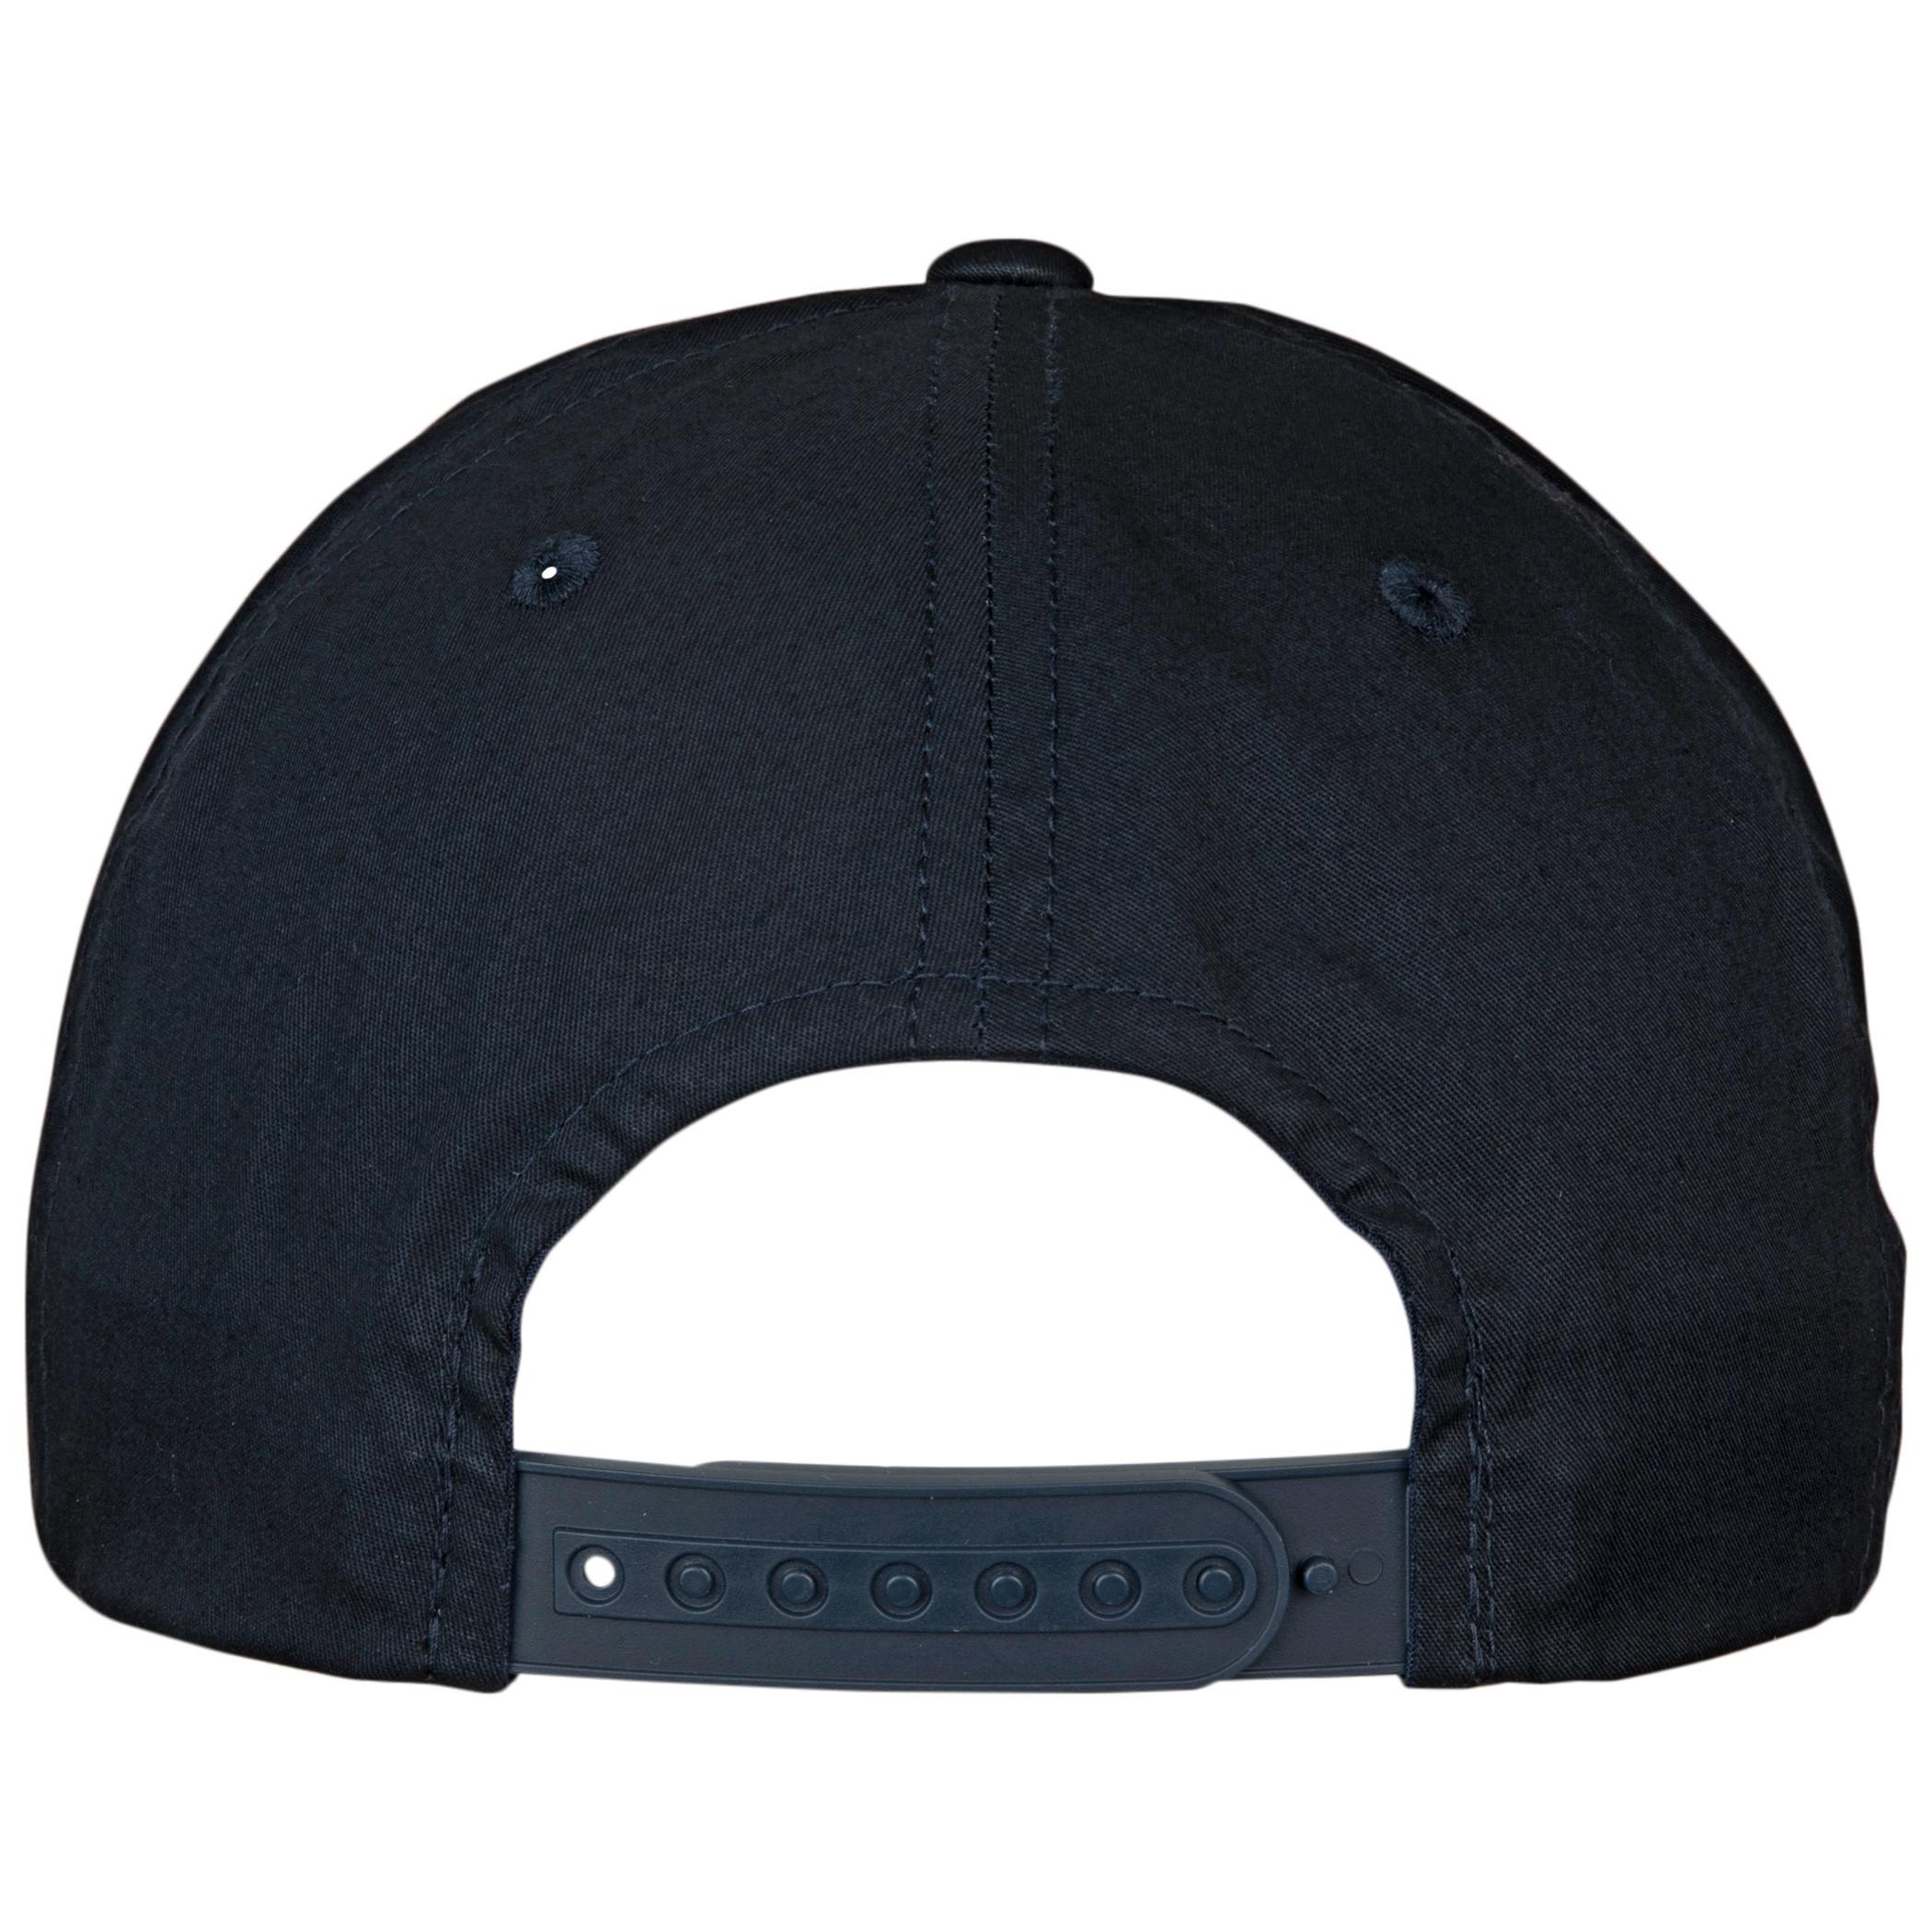 Miller Lite Roped Brim Adjustable Snapback Hat